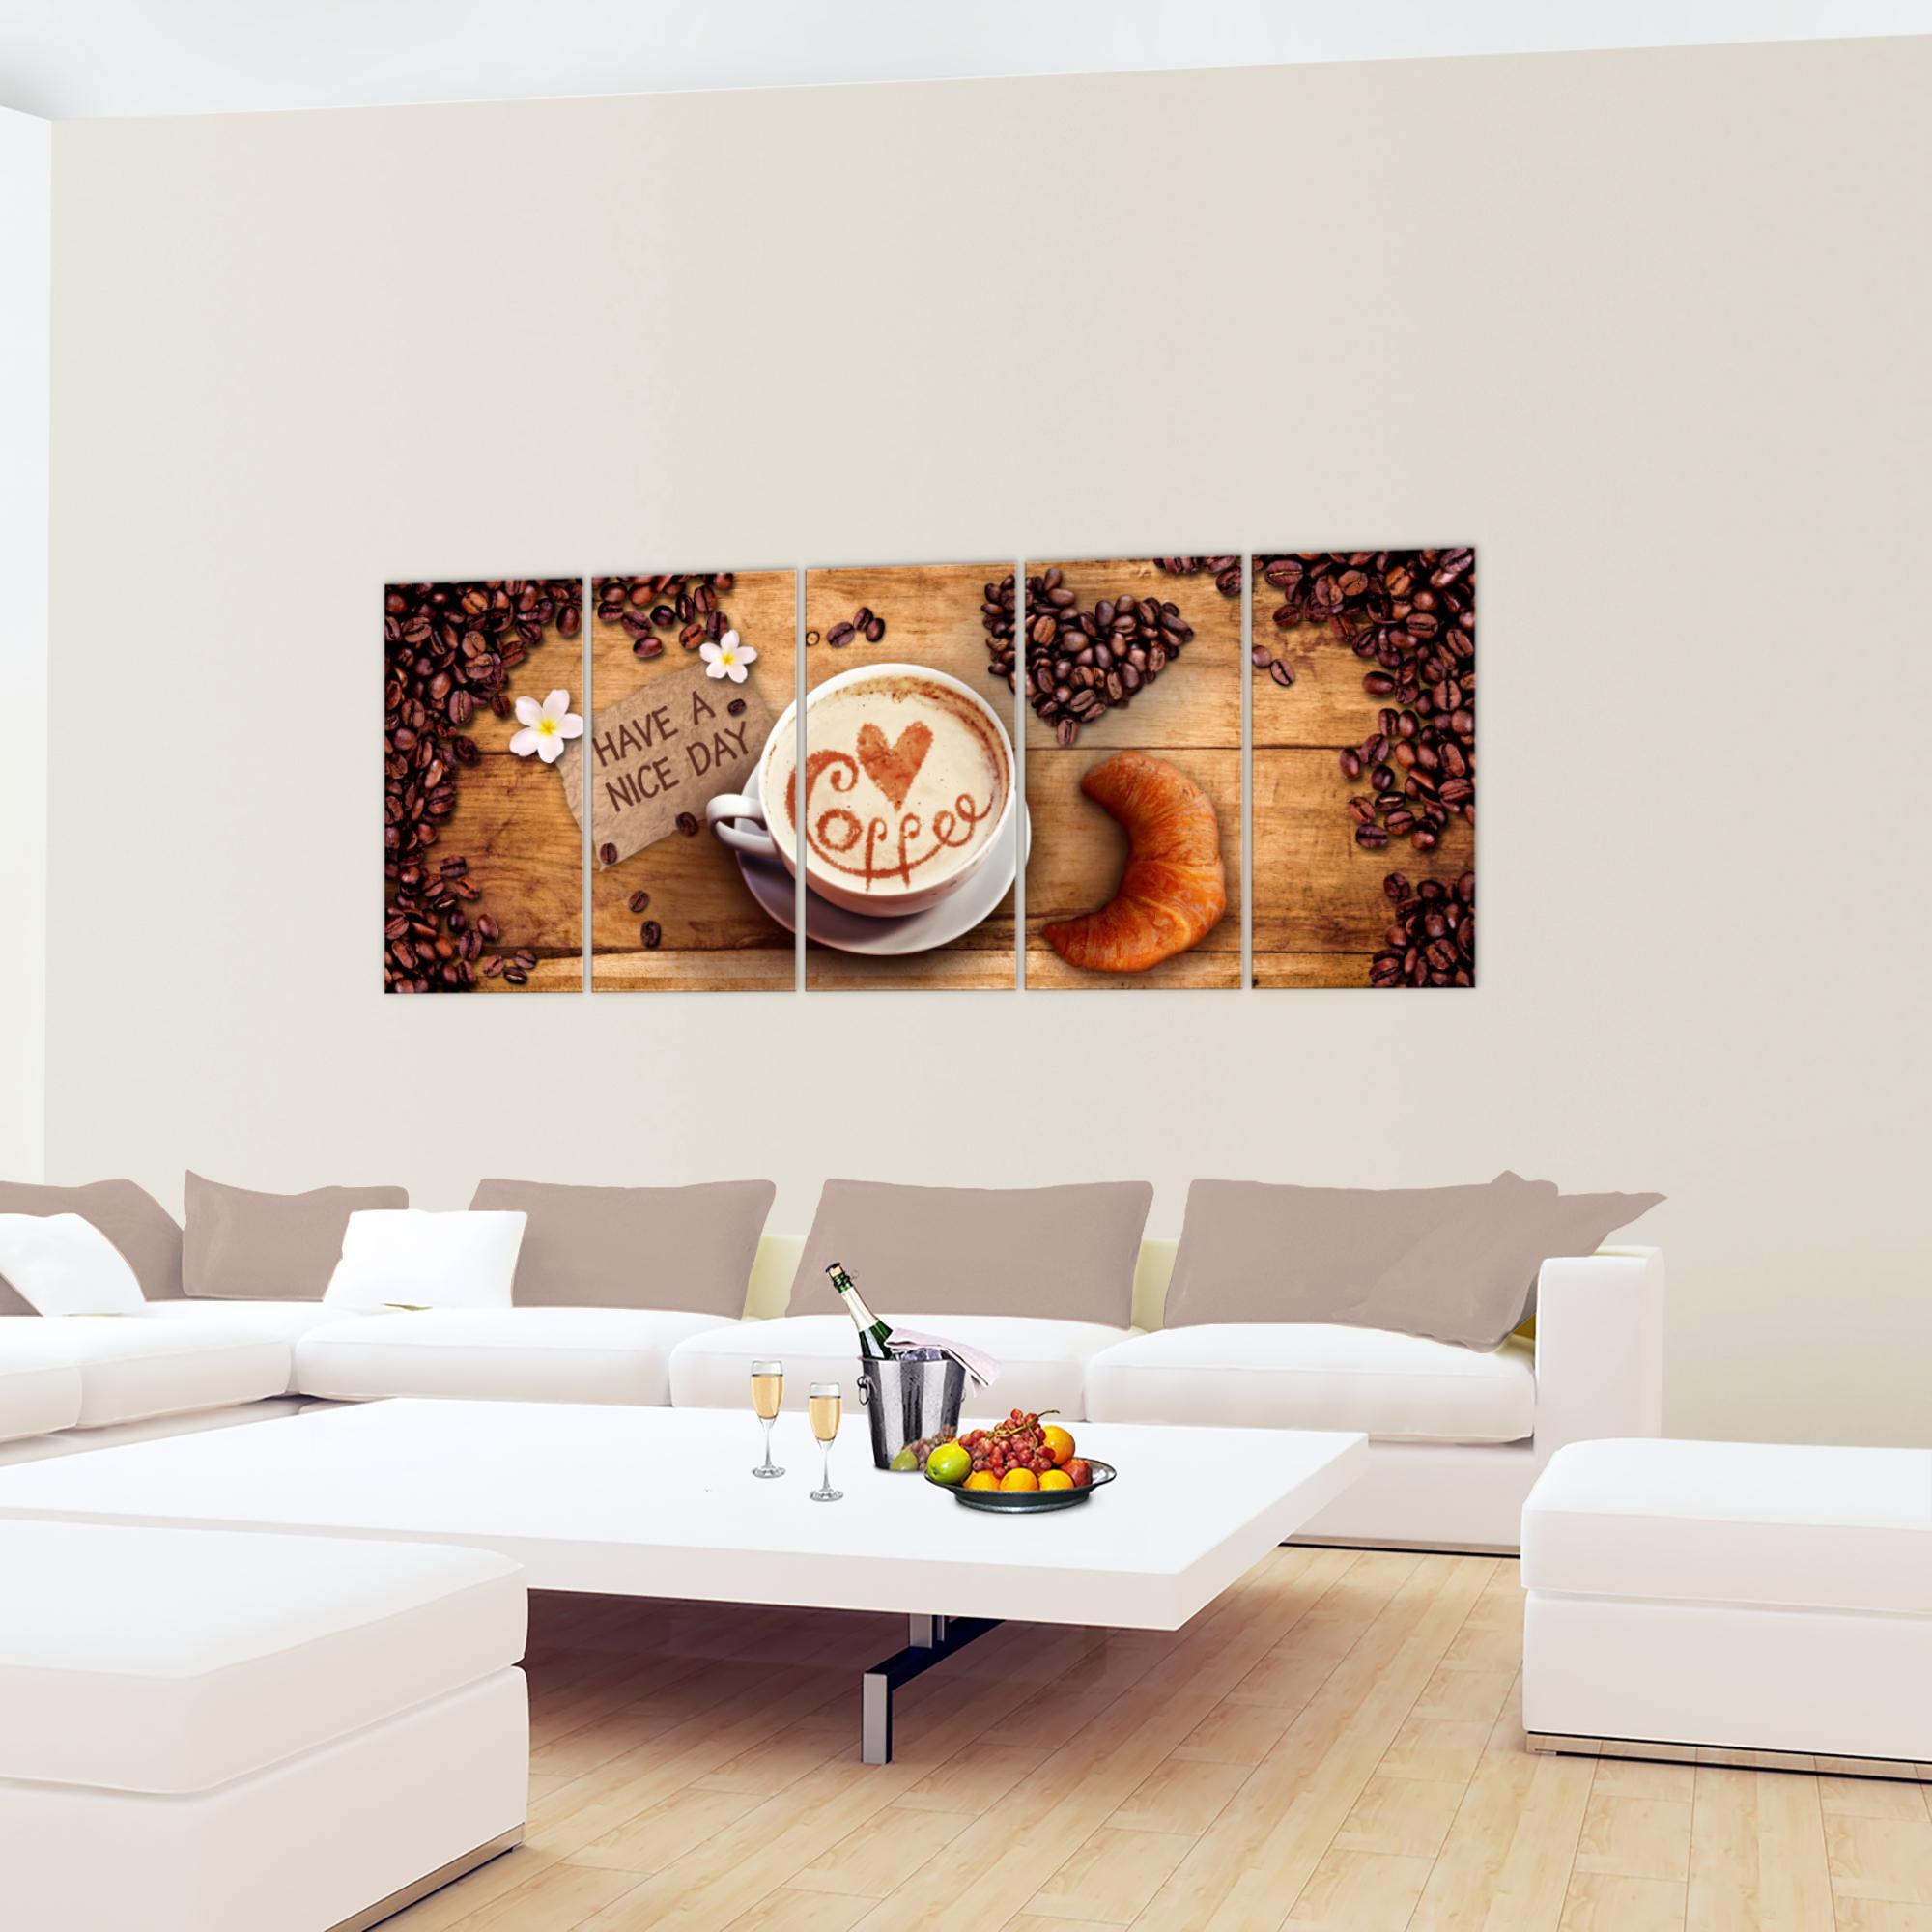 Küche Kaffee BILD KUNSTDRUCK - AUF VLIES LEINWAND - XXL DEKORATION 501255P